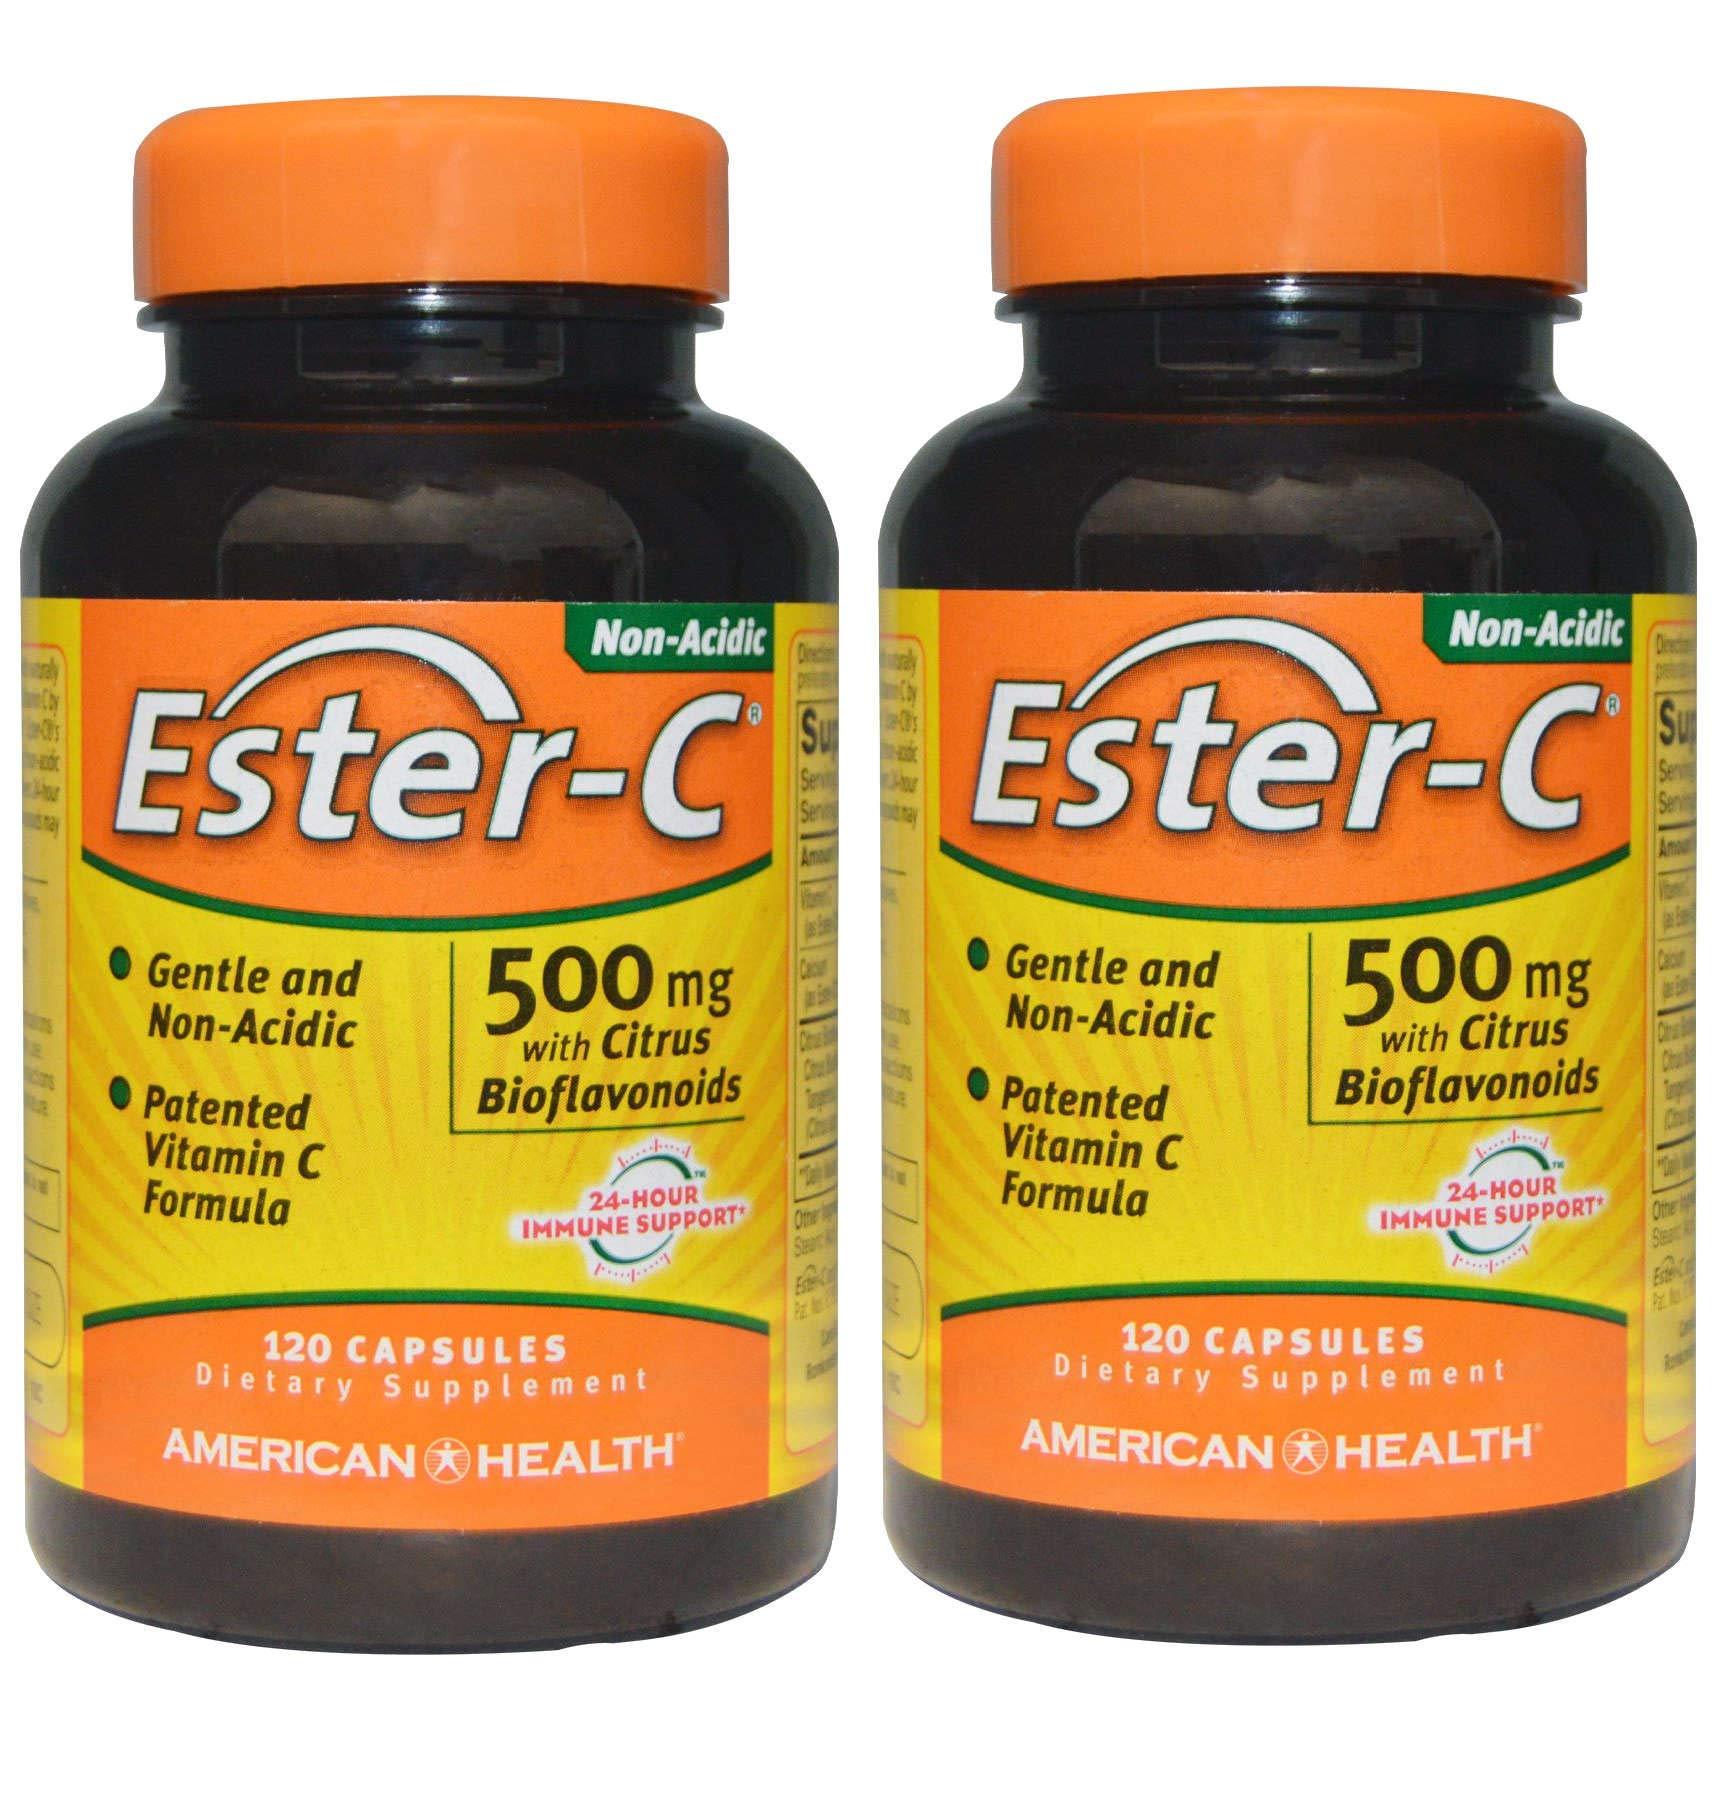 Ester-C Gentle, Non-Acidic, Patented Vitamin C Formula with Citrus Bioflavonoids and 24-Hour Immune Support 500 Milligrams (120 Capsules) Pack of 2